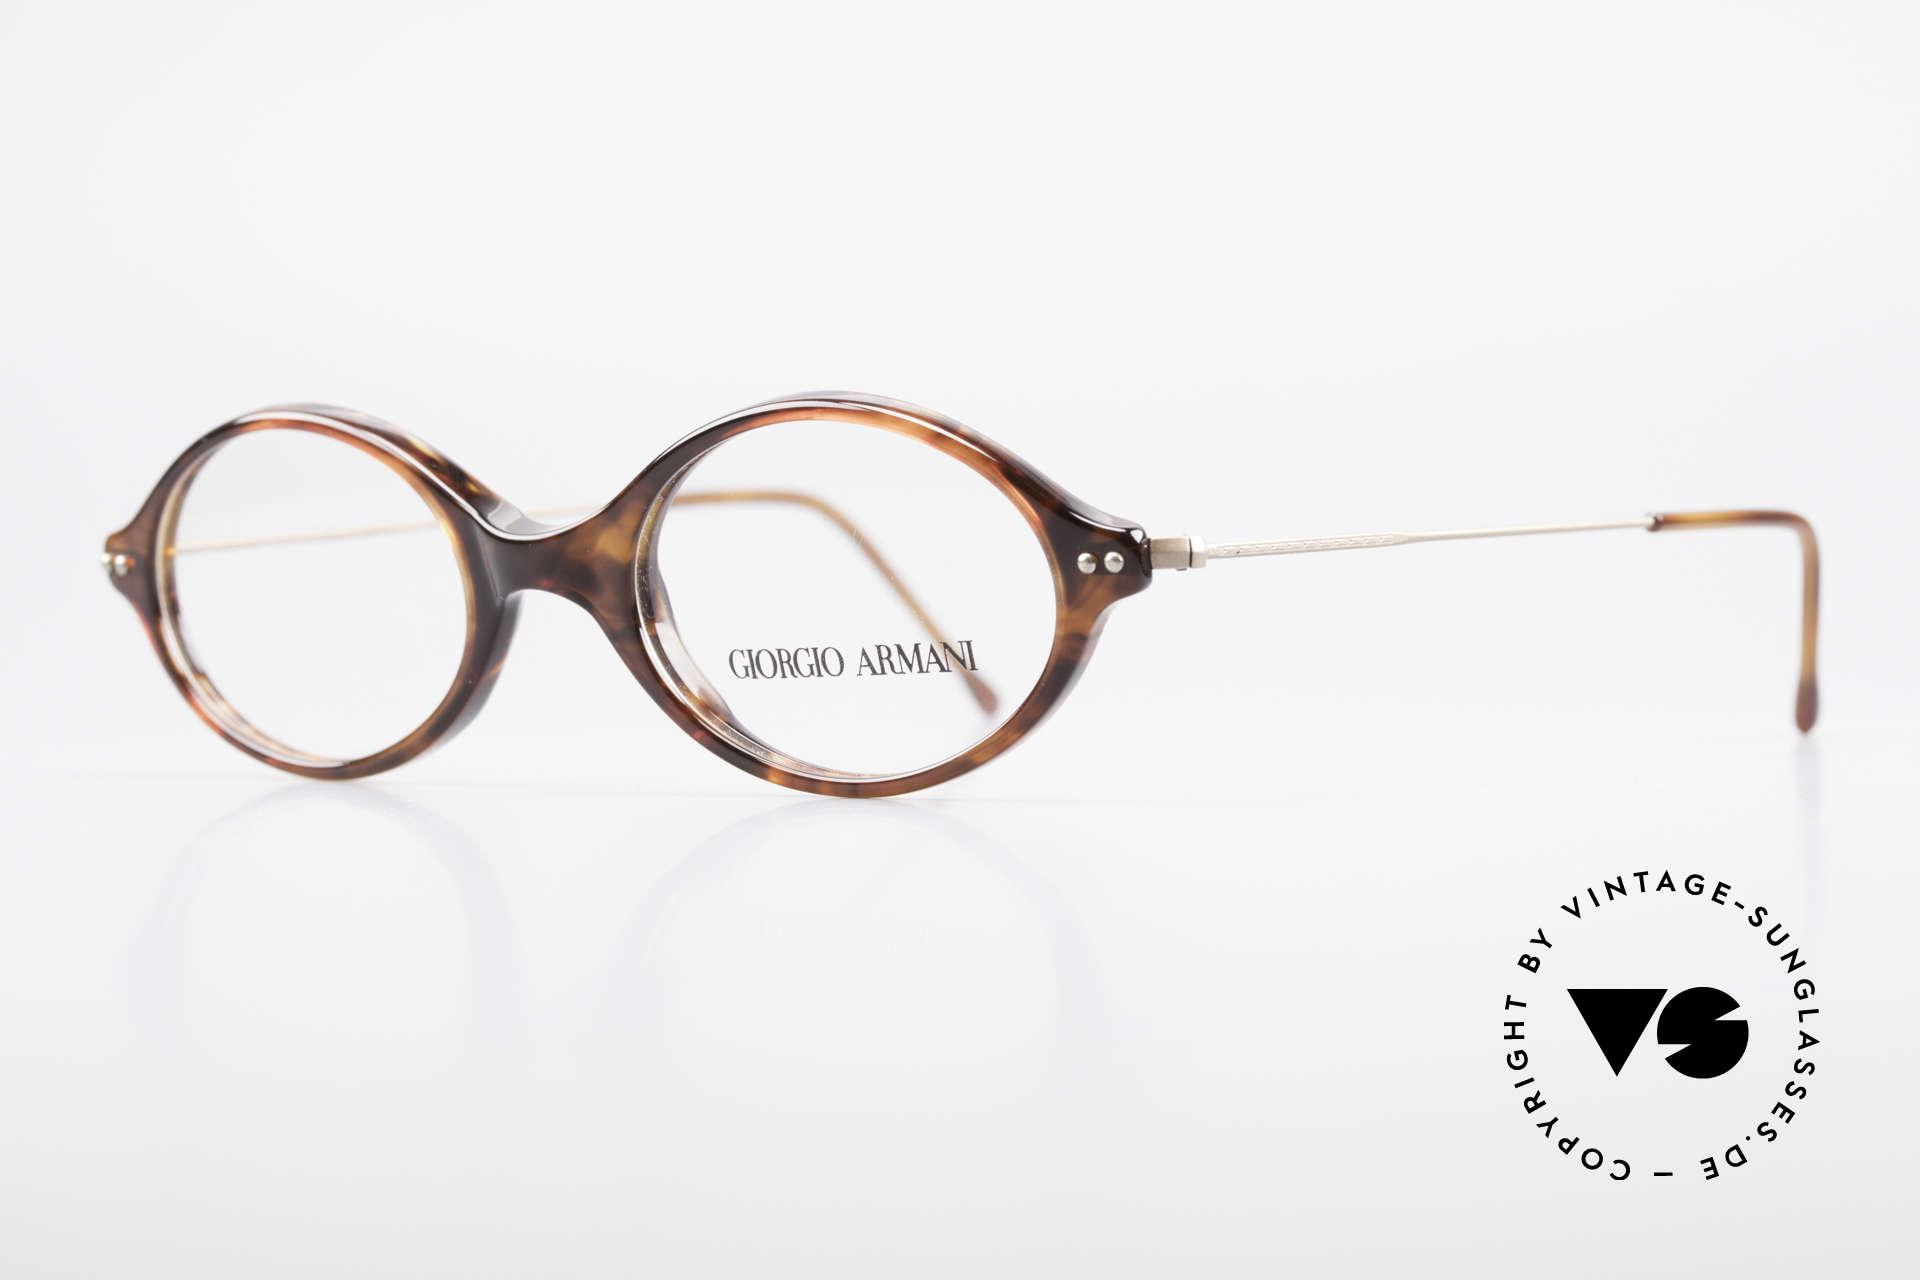 Giorgio Armani 378 90er Unisex Brille Oval, Kunststoff-Front mit fein verzierten Draht-Bügeln, Passend für Herren und Damen